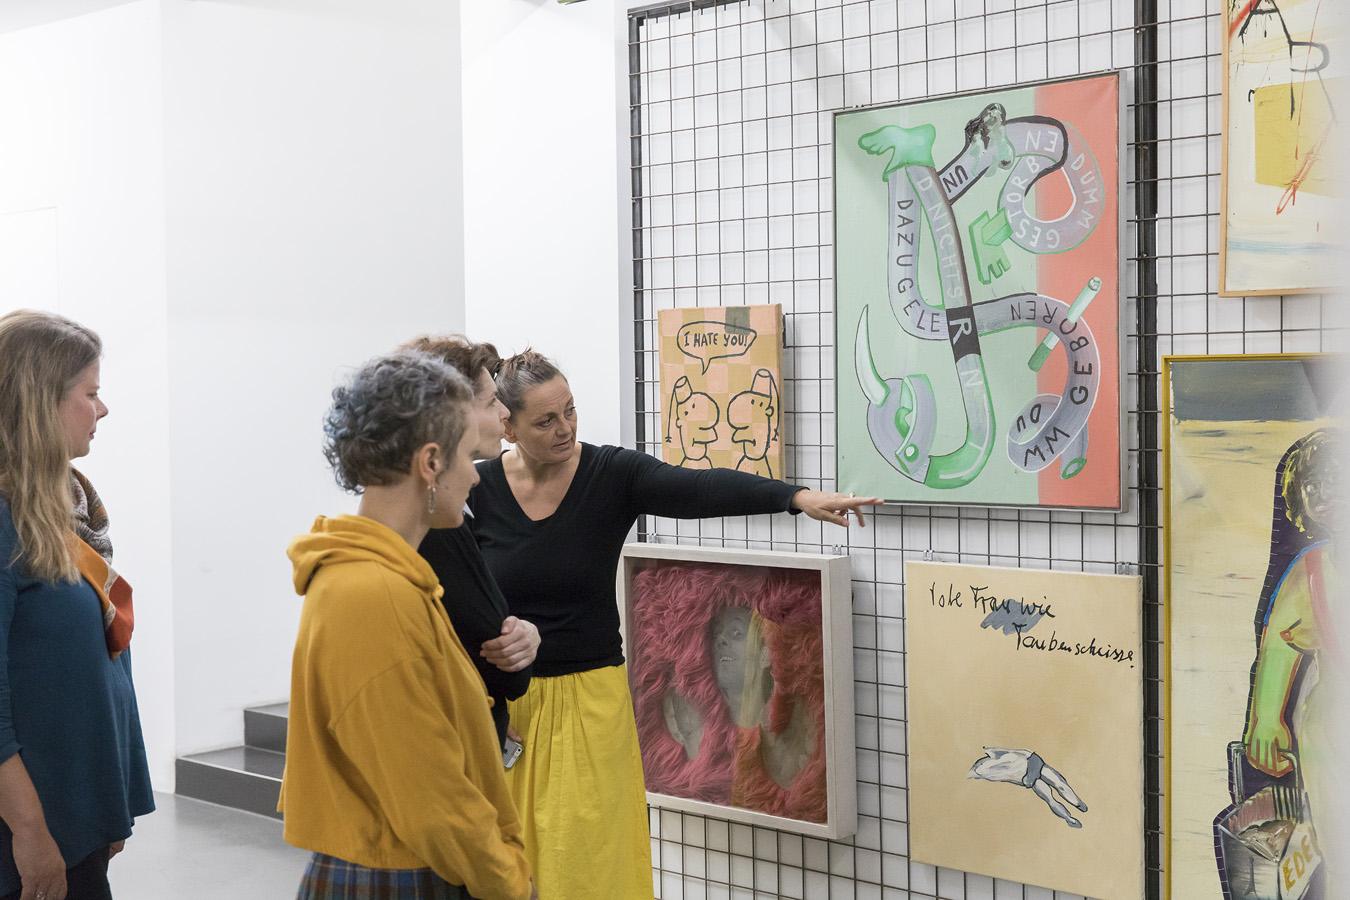 Menschen betrachten Gemälde bei einer Führung durch das Schiebelager der Sammlungs Falckenberg. Copyright Deichtorhallen Hamburg, Henning Rogge